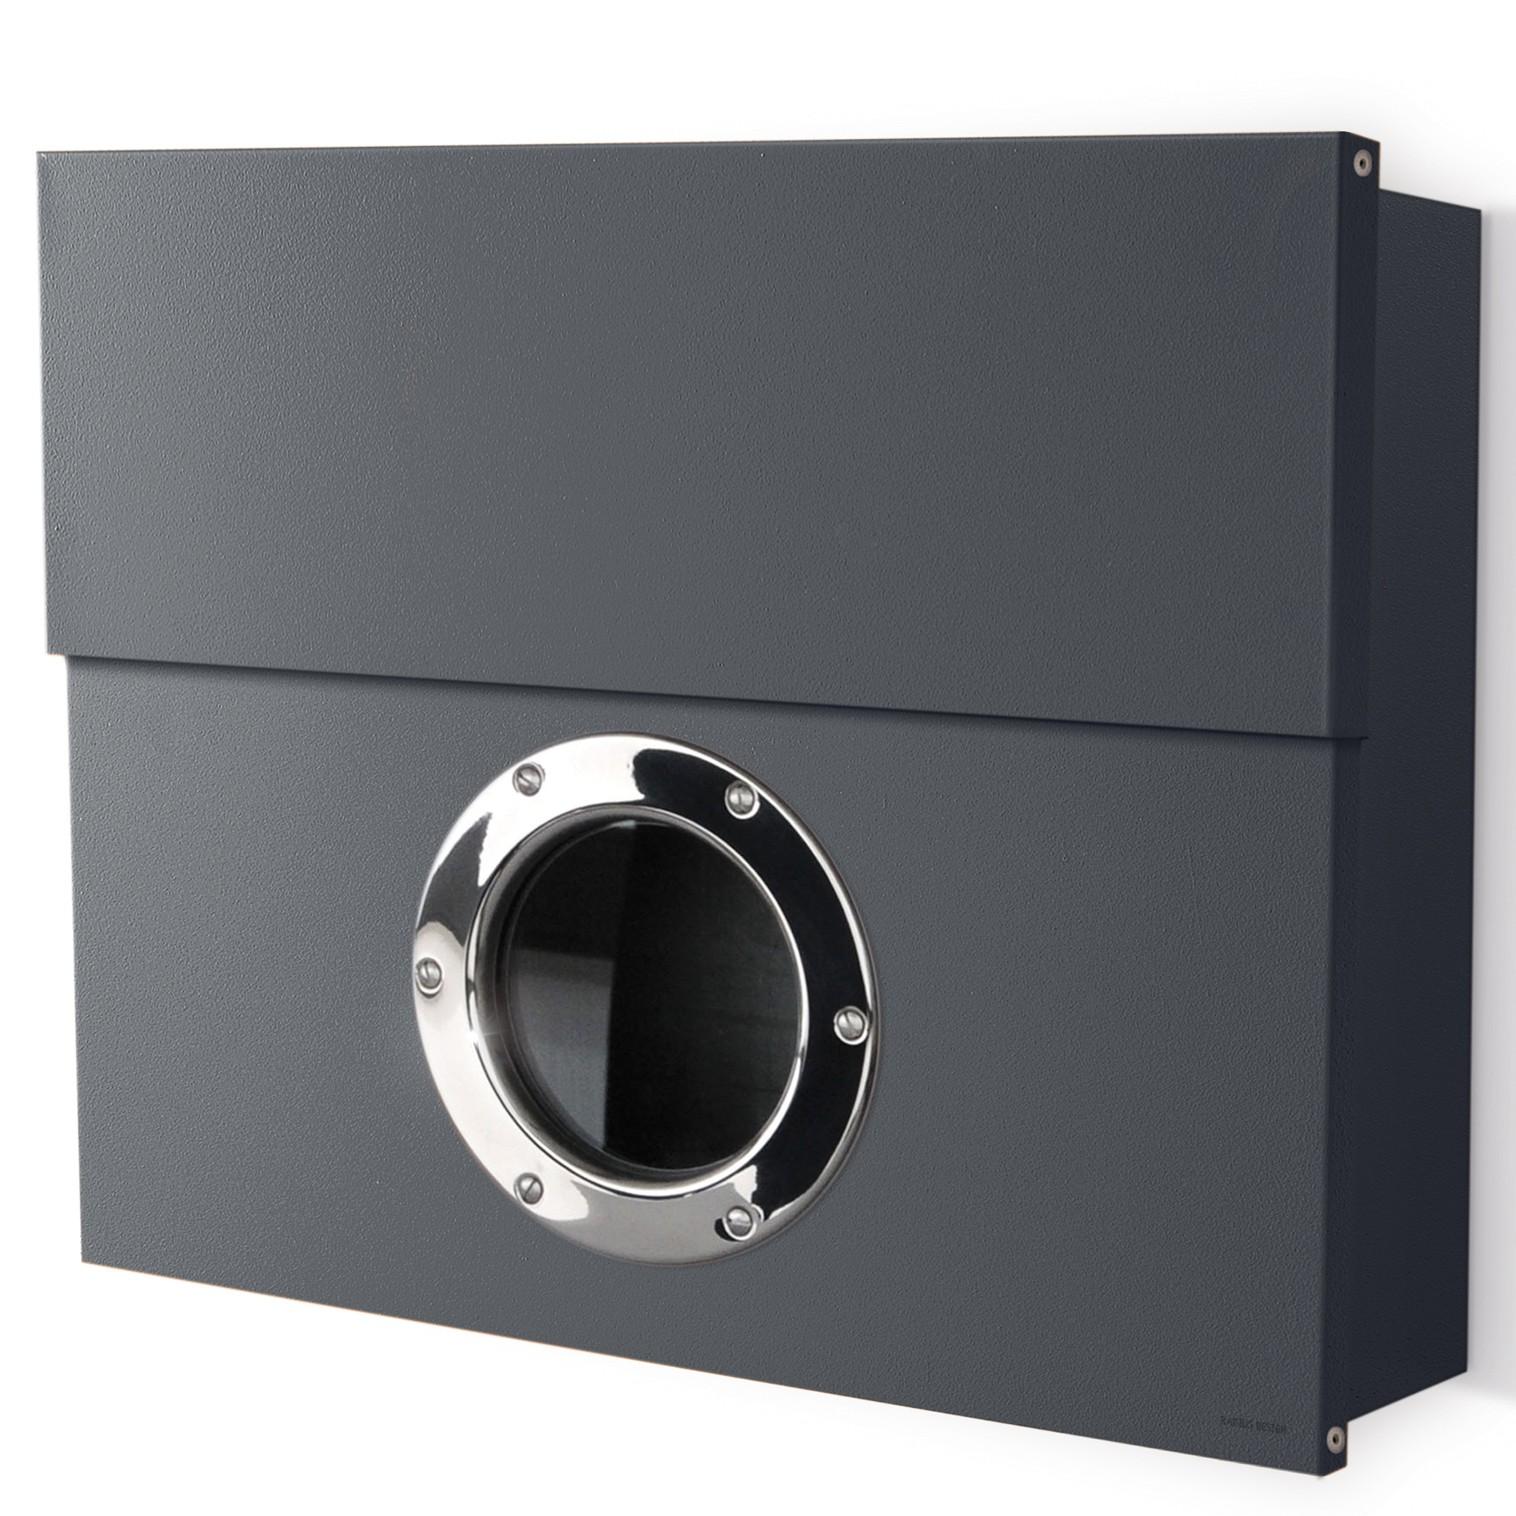 radius briefkasten letterman xxl anthrazitgrau ral 7016 mit verdecktem zeitungsfach 550 g. Black Bedroom Furniture Sets. Home Design Ideas